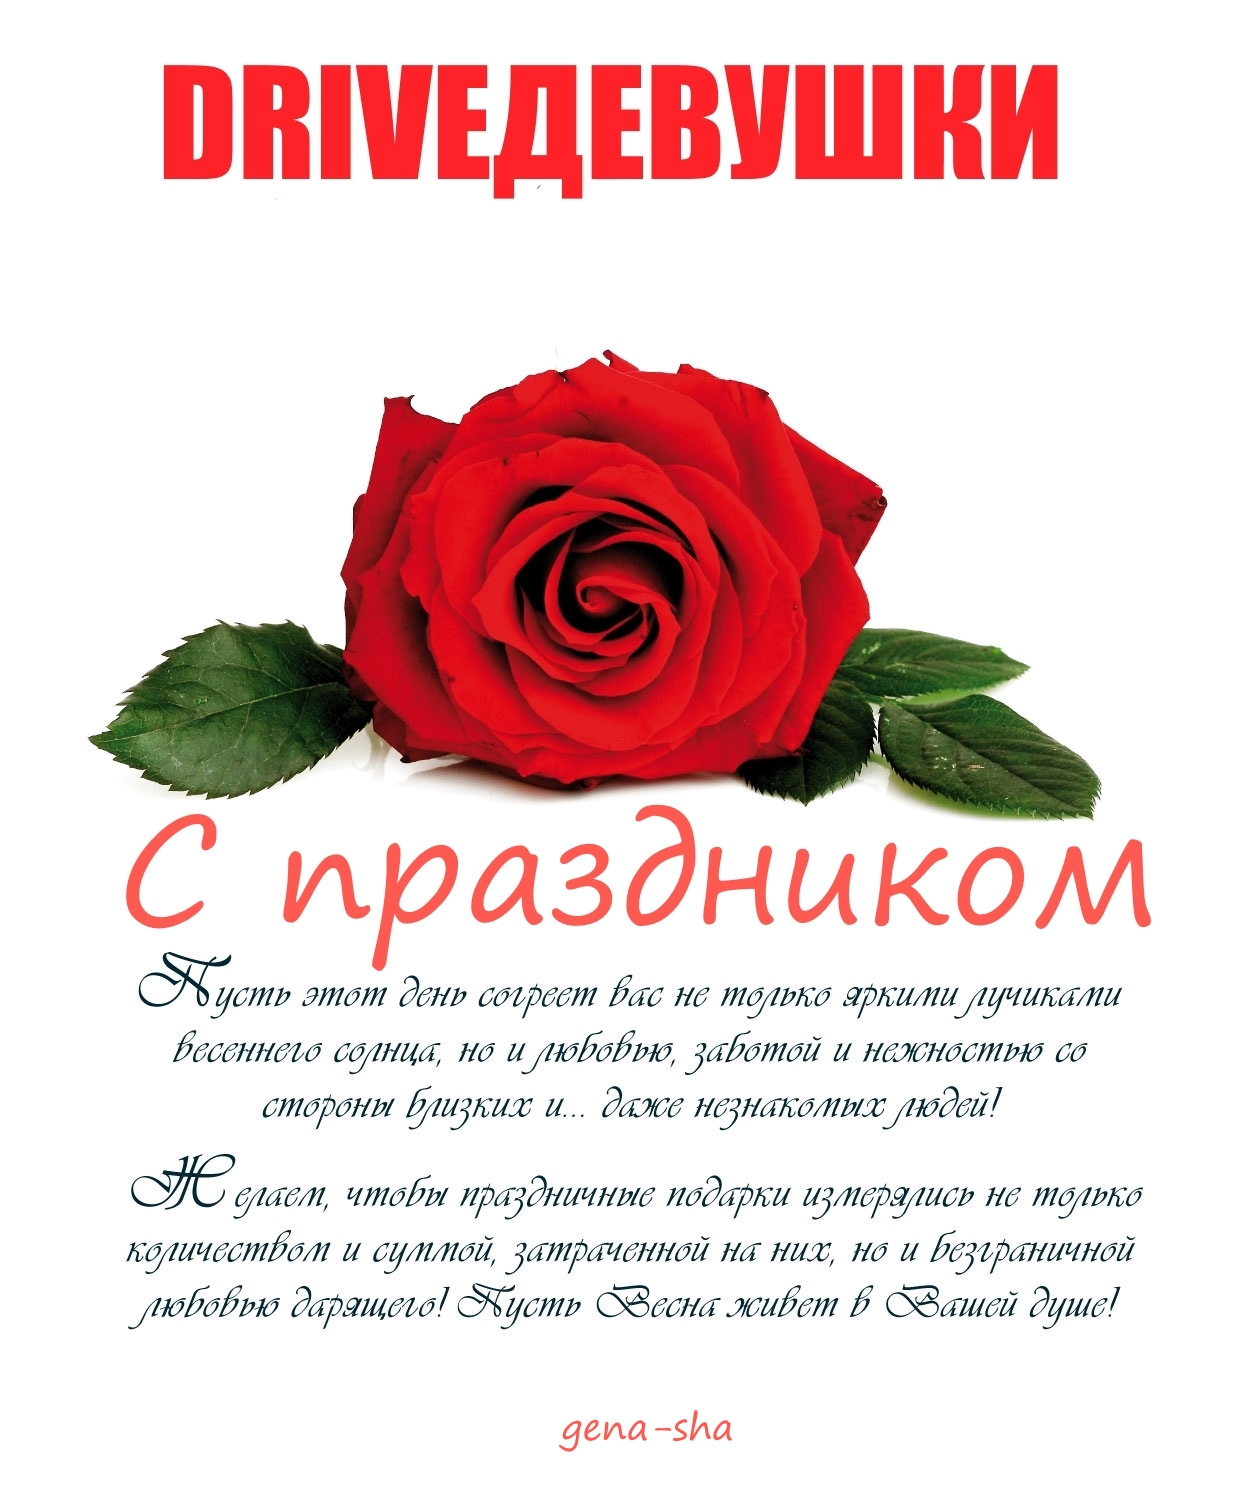 Поздравление с 8 марта женщине коллеге от мужчин